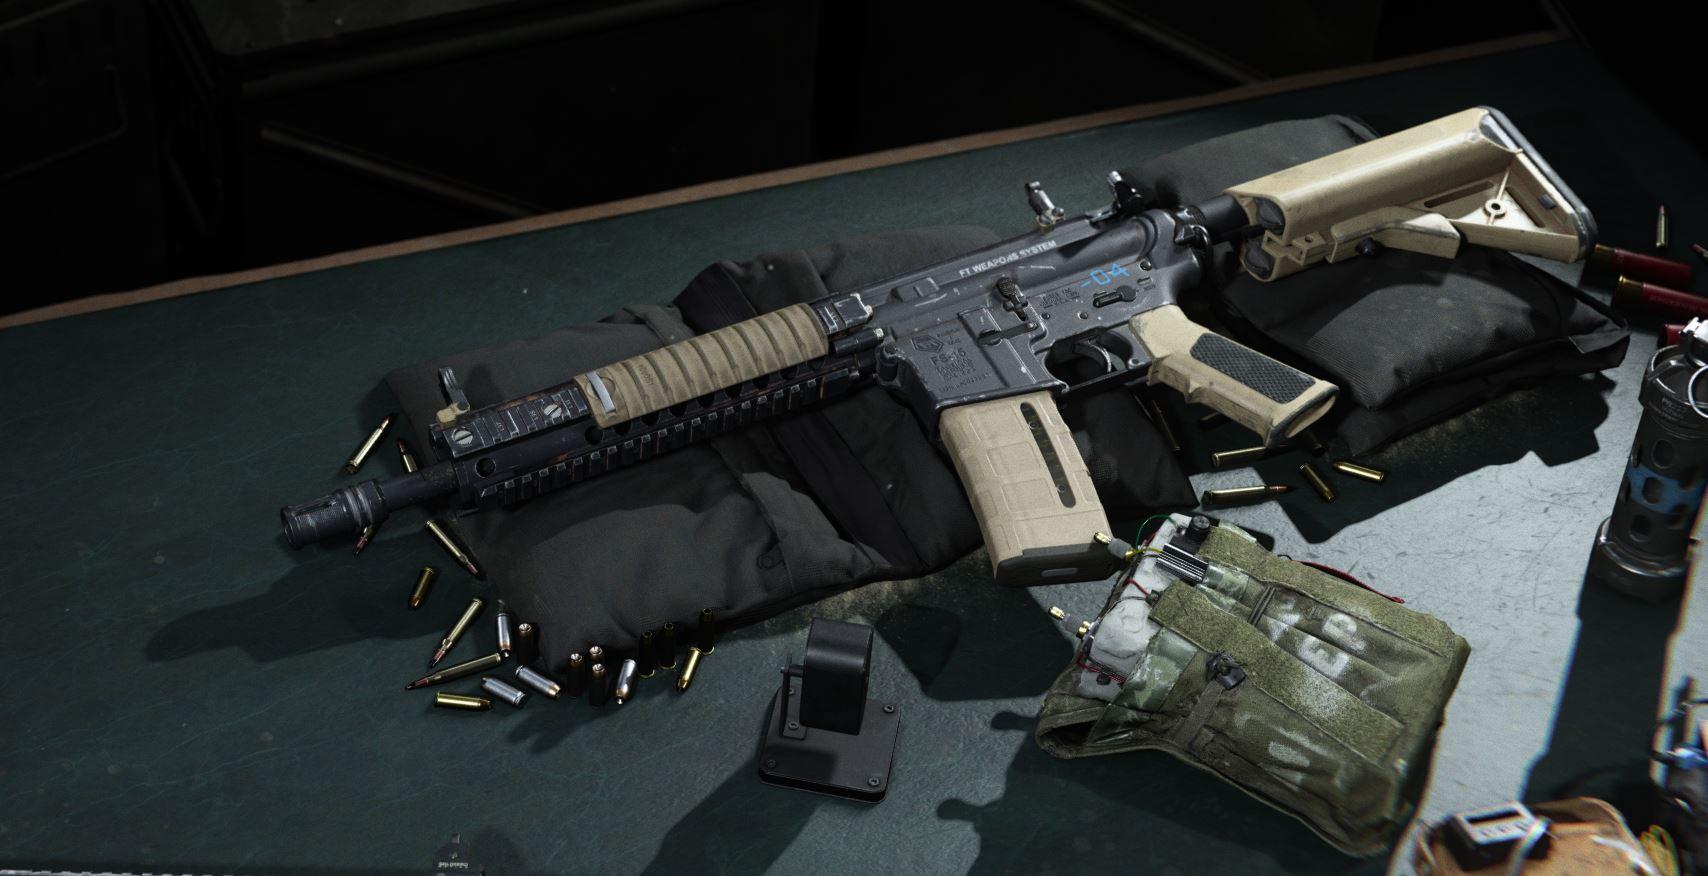 https://images.mein-mmo.de/magazin/medien/2019/12/Call-fo-Duty-Modern-Warfare-m4a1.jpg